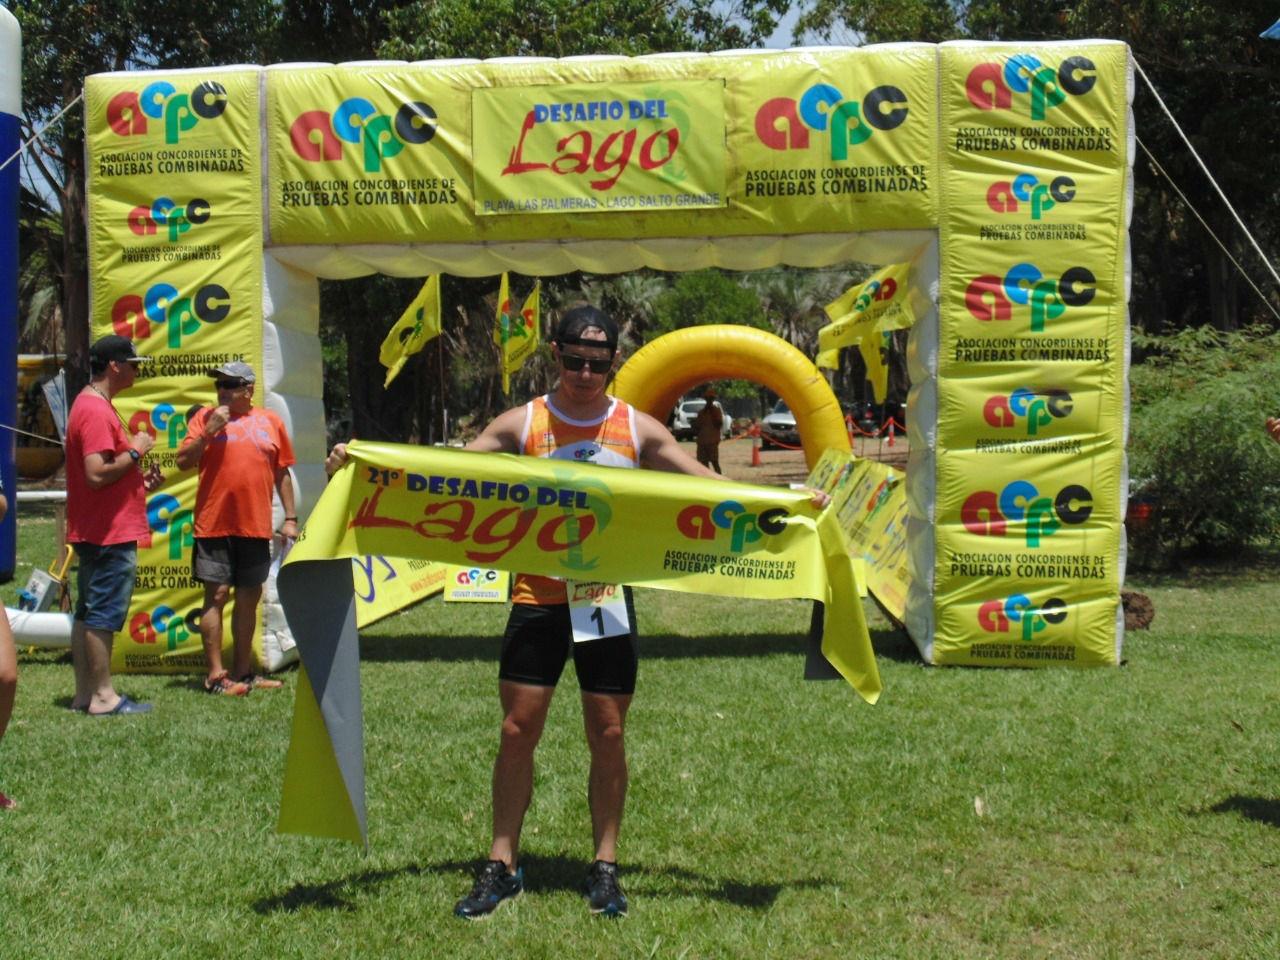 Janin fue el ganador, en individuales. Detrás llegaron Ferrier y Mendez.